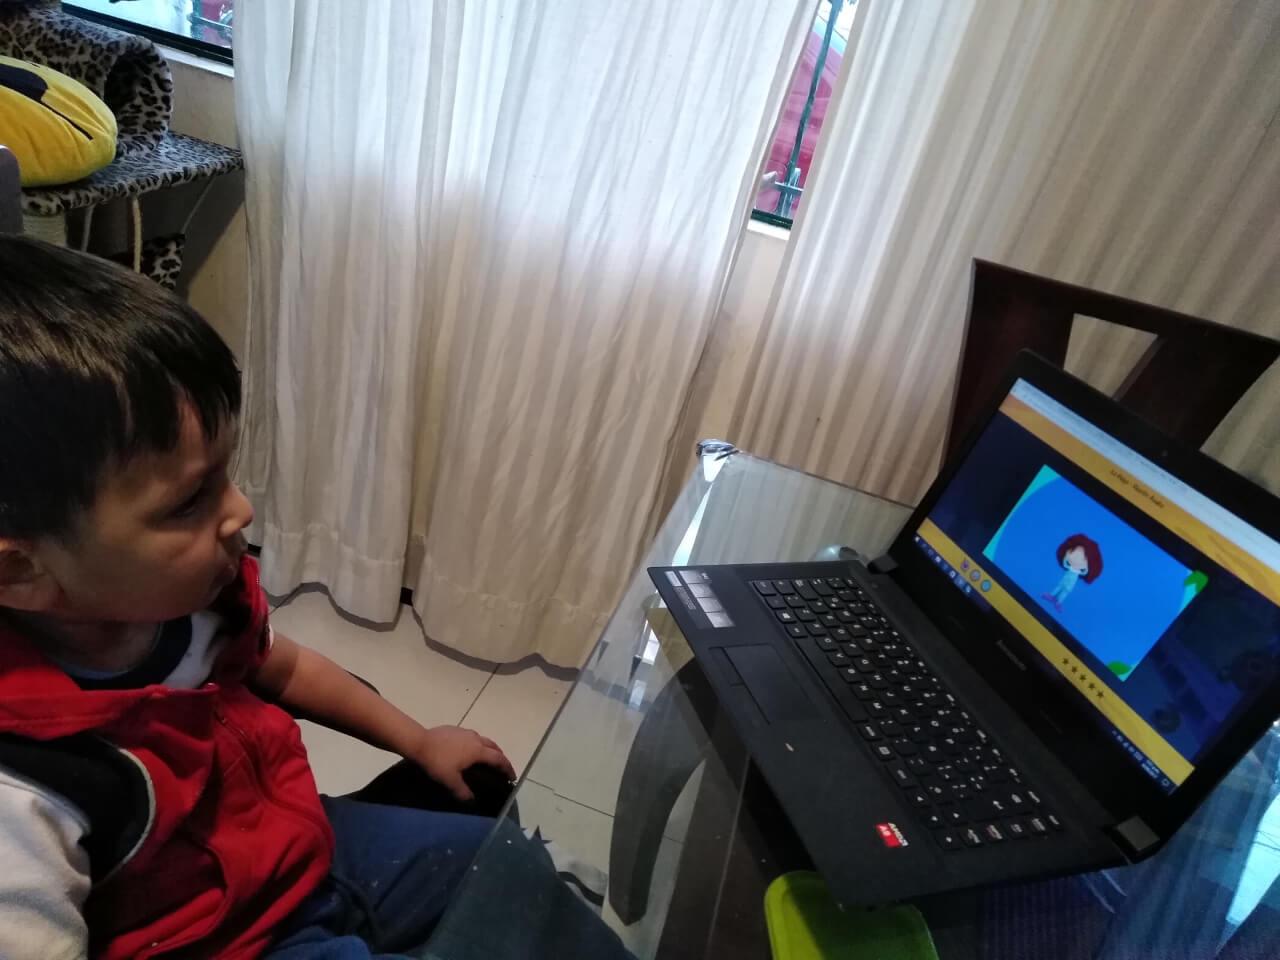 Medios digitales para niños autistas